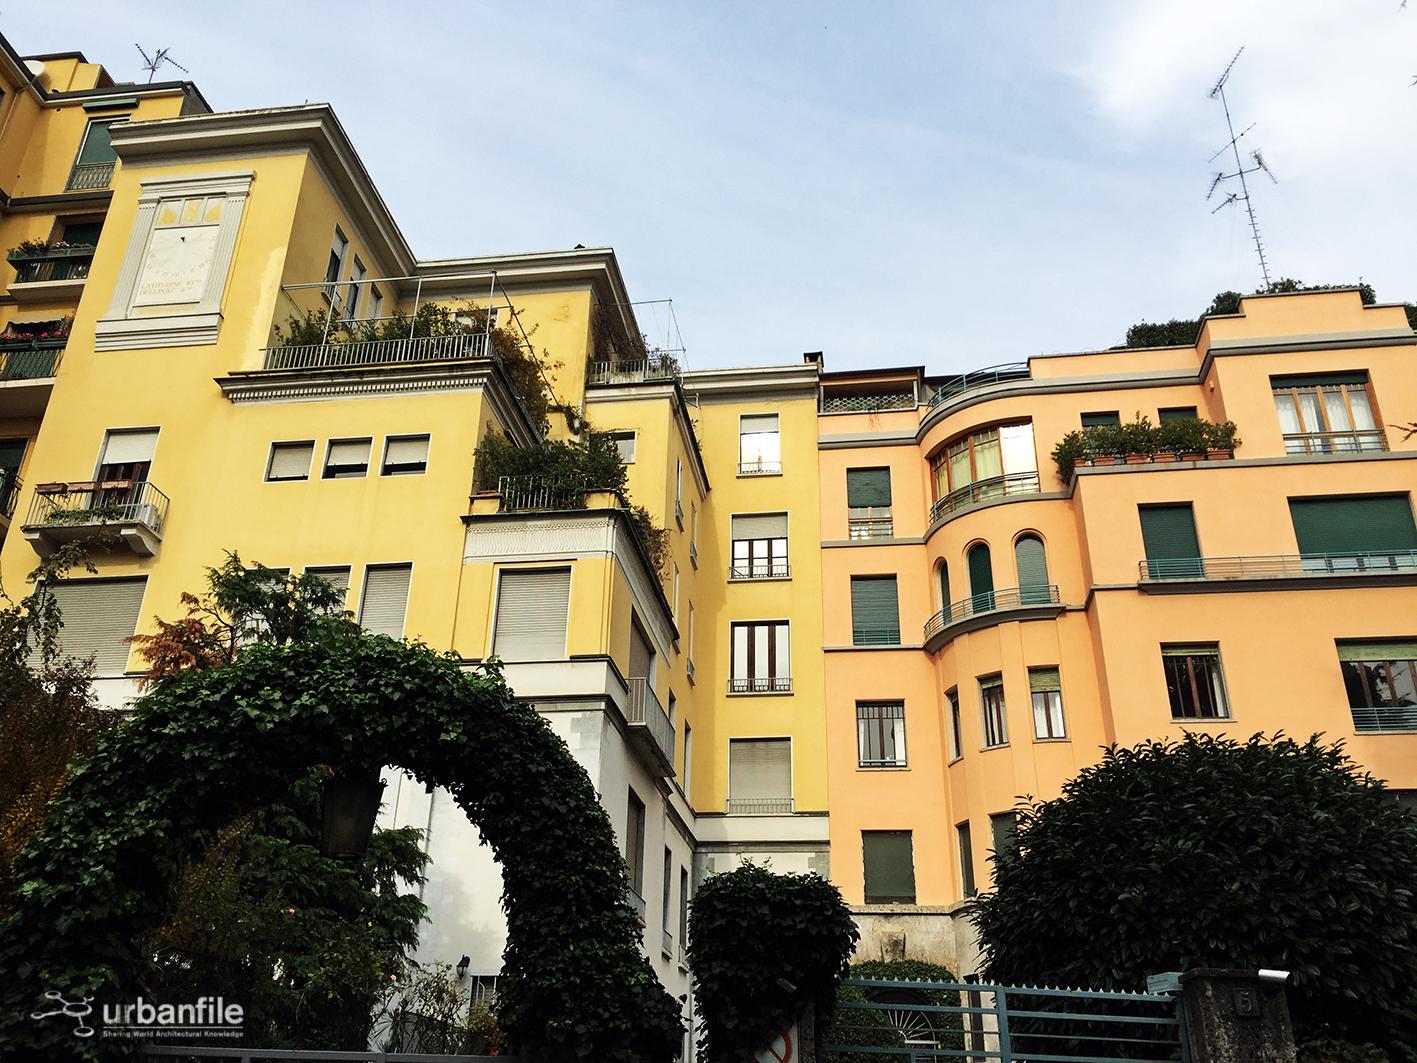 Milano crocetta palazzo pertusati e il giardino dell for Piani storici per la seconda casa dell impero